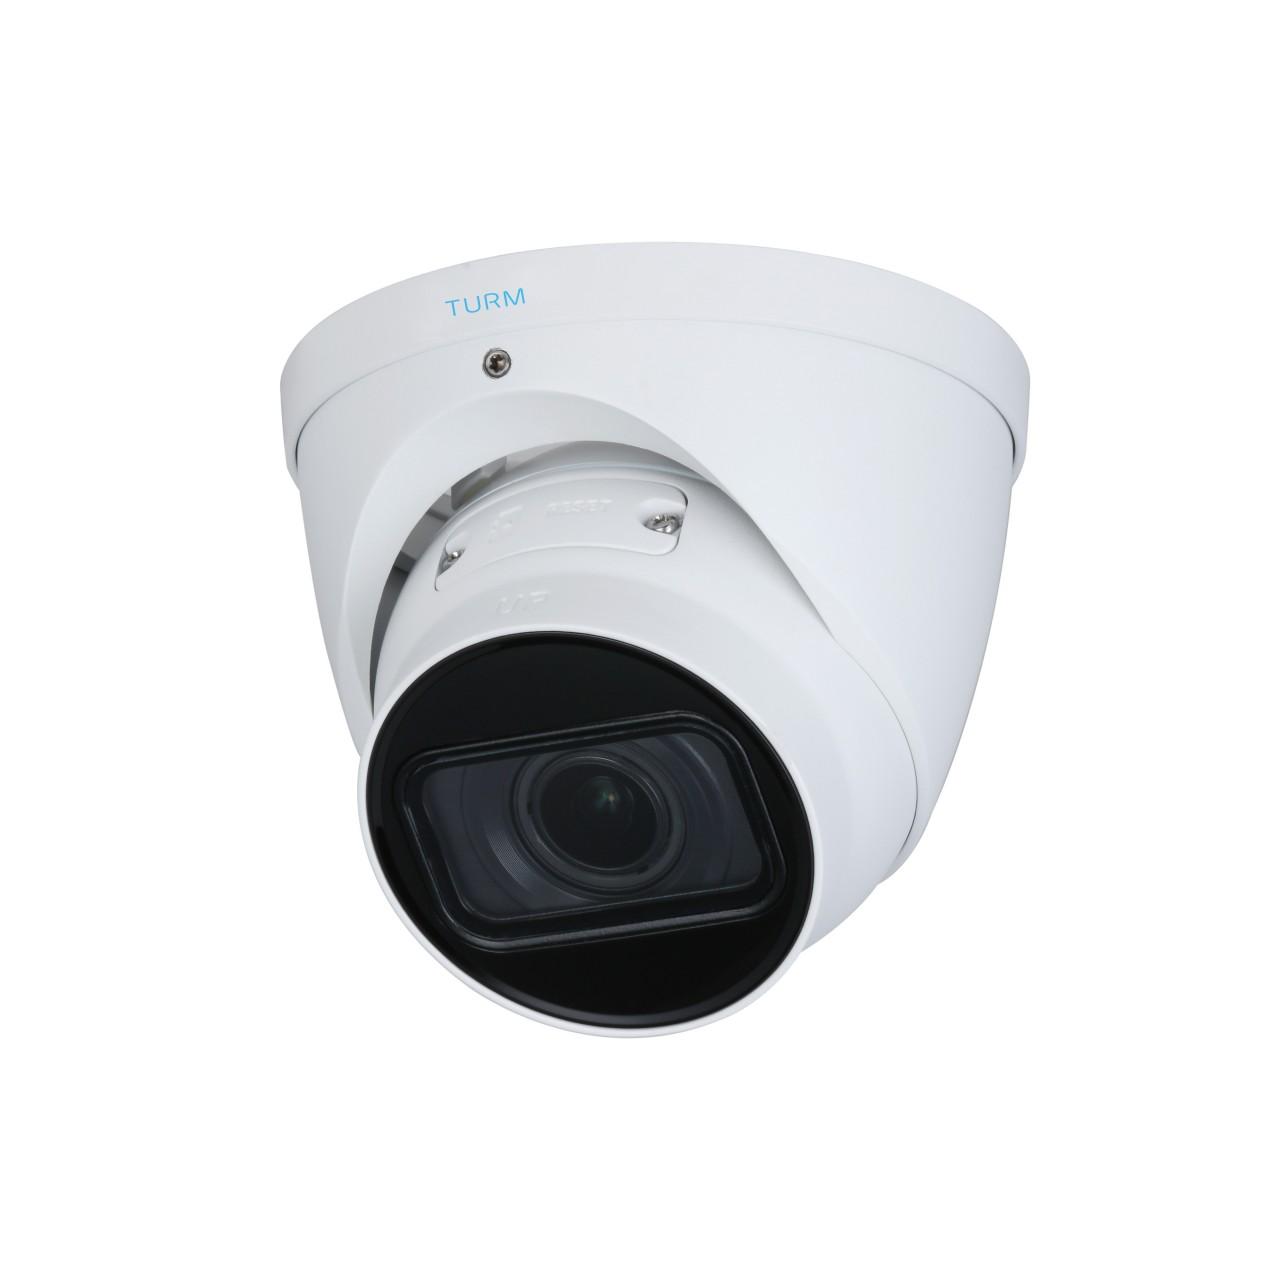 TURM IP Professional 8 MP Dome Kamera, 40m Nachtsicht mit Starlight, 2.7mm–13.5mm Motorzoom Objektiv